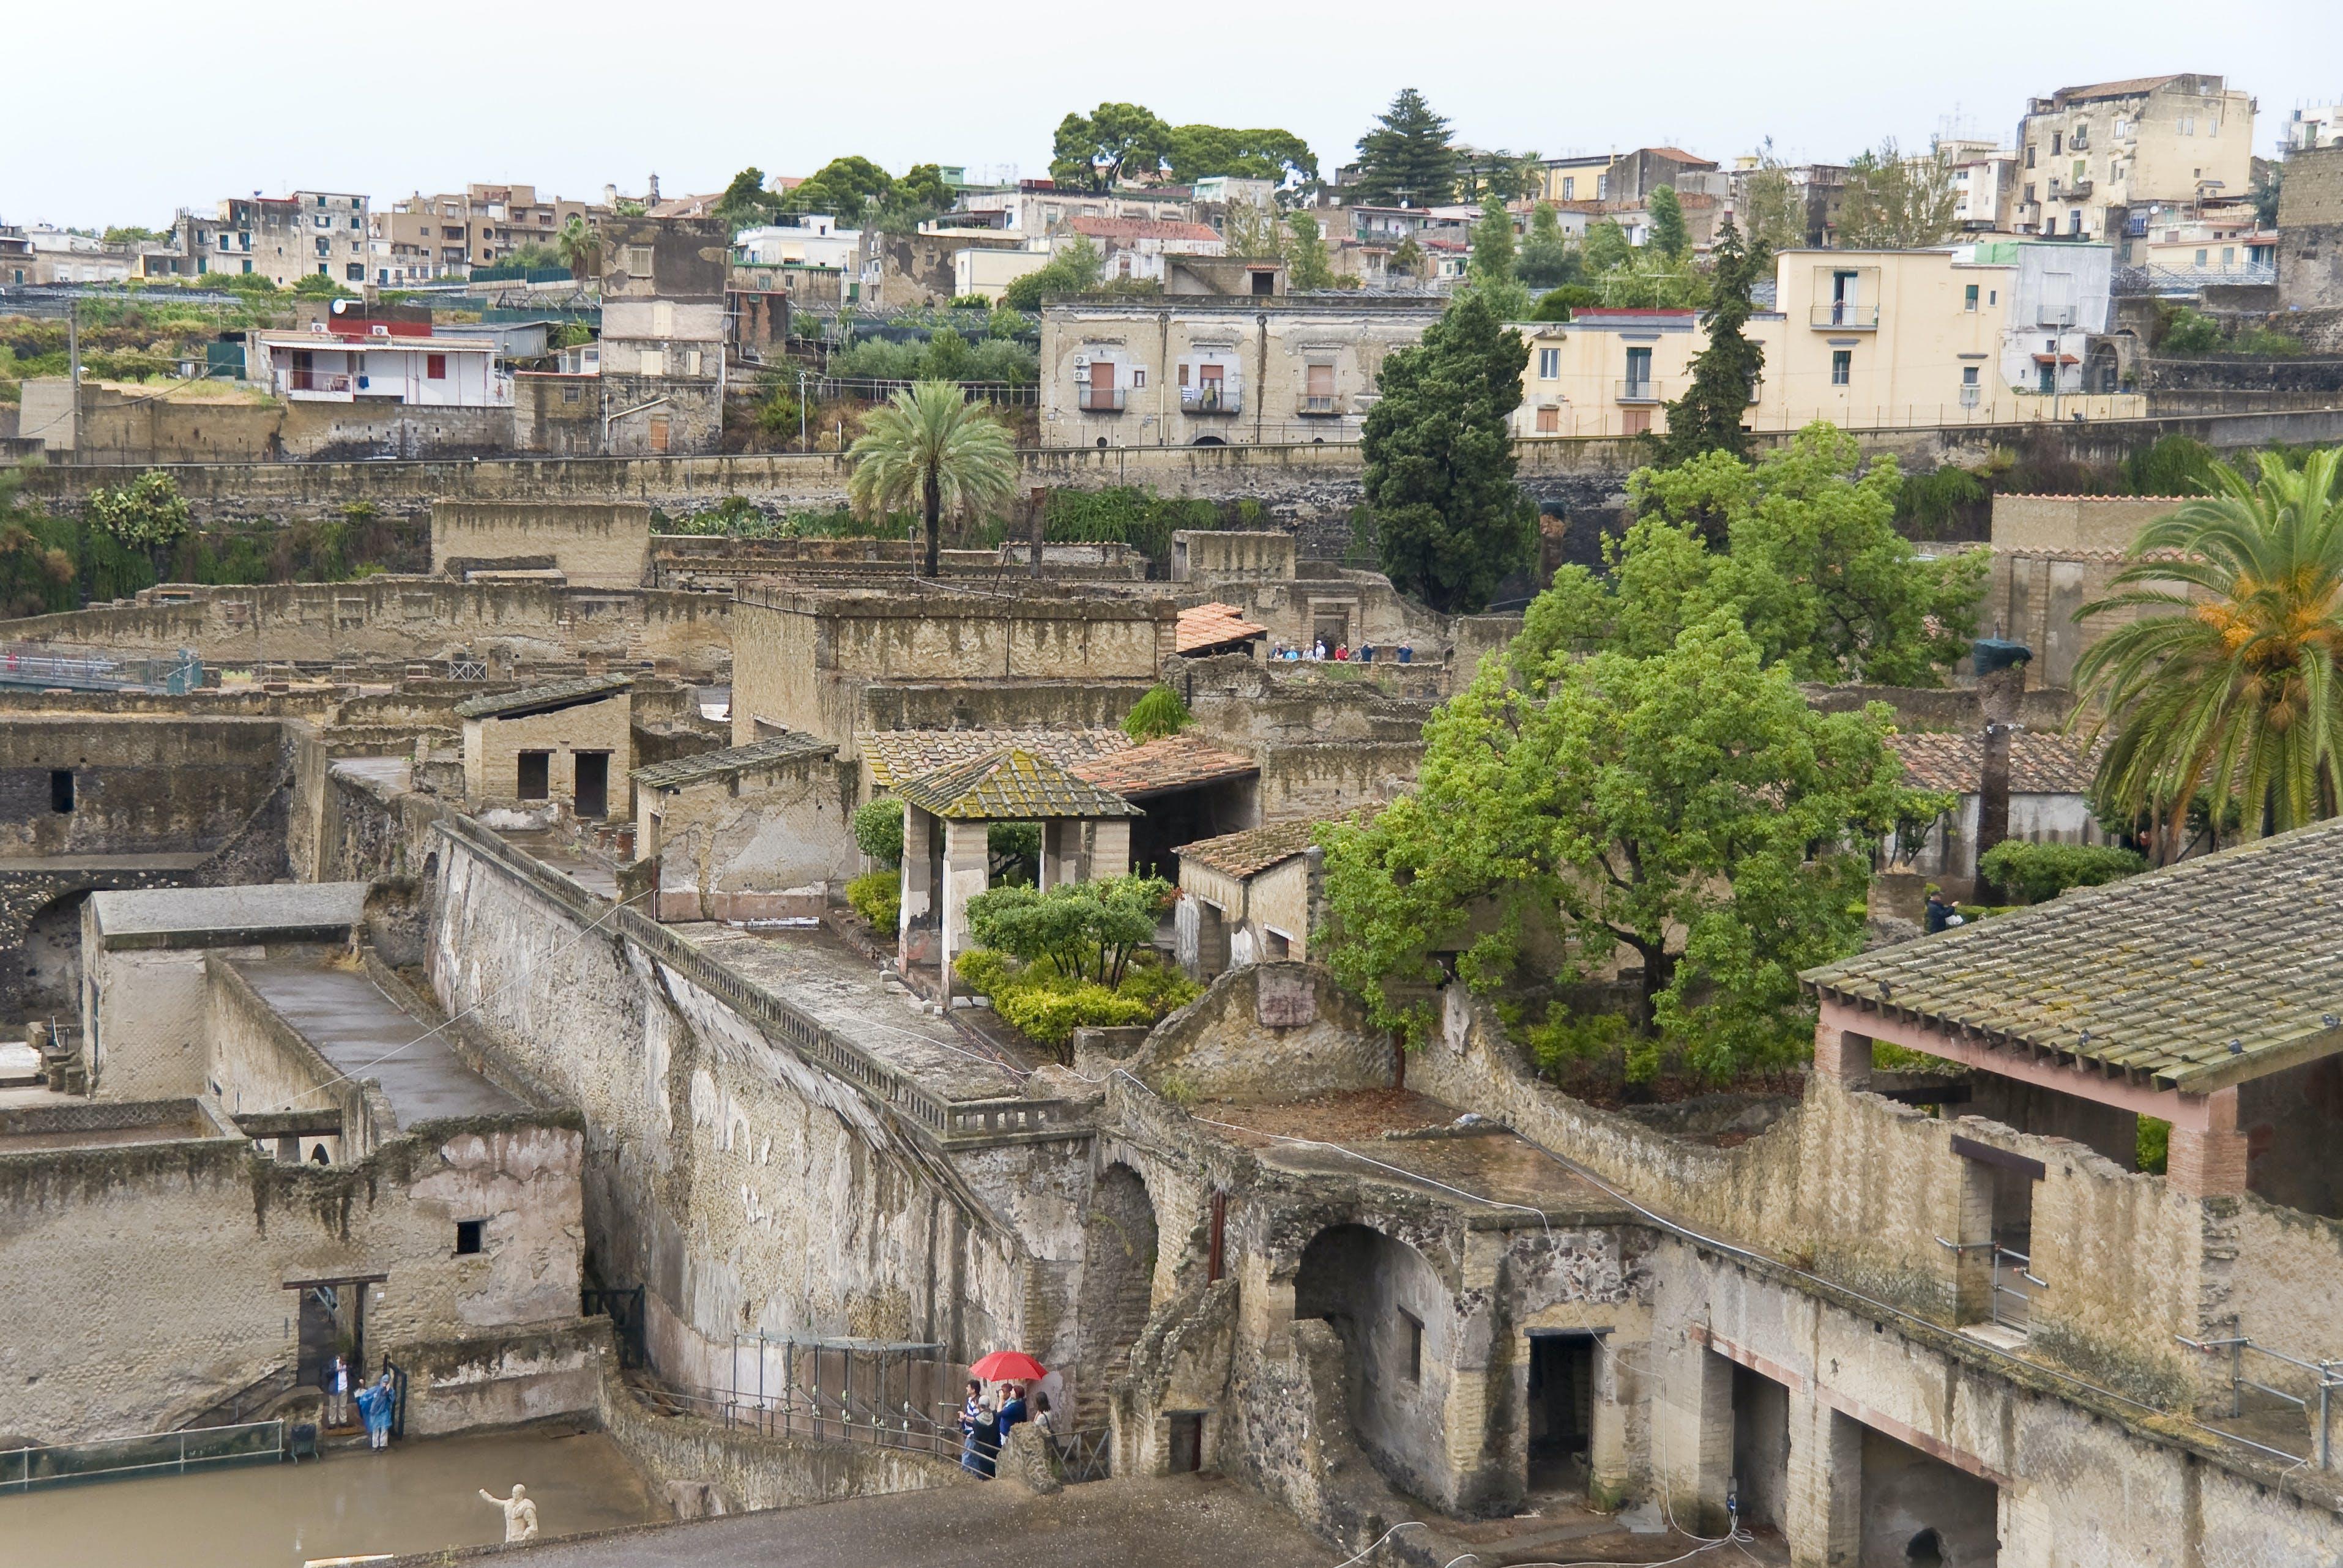 Ver la ciudad,Ver la ciudad,Ver la ciudad,Tours andando,Tours históricos y culturales,Tours históricos y culturales,